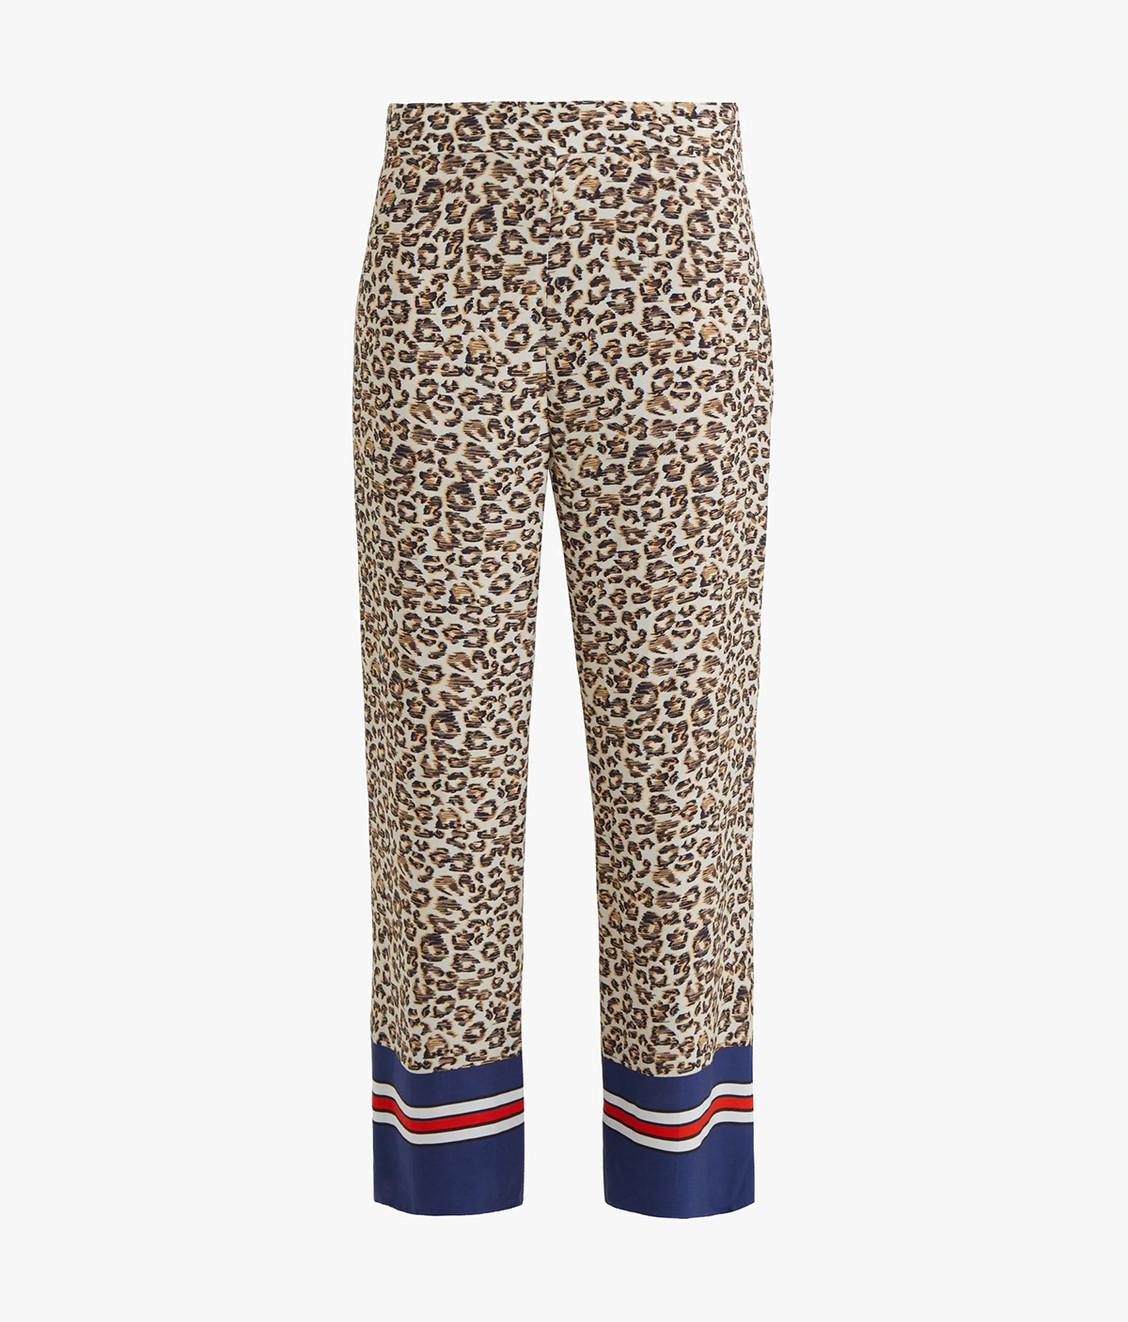 Libertine Libertine Libertine Libertine Shadow Leo Stripe Pants